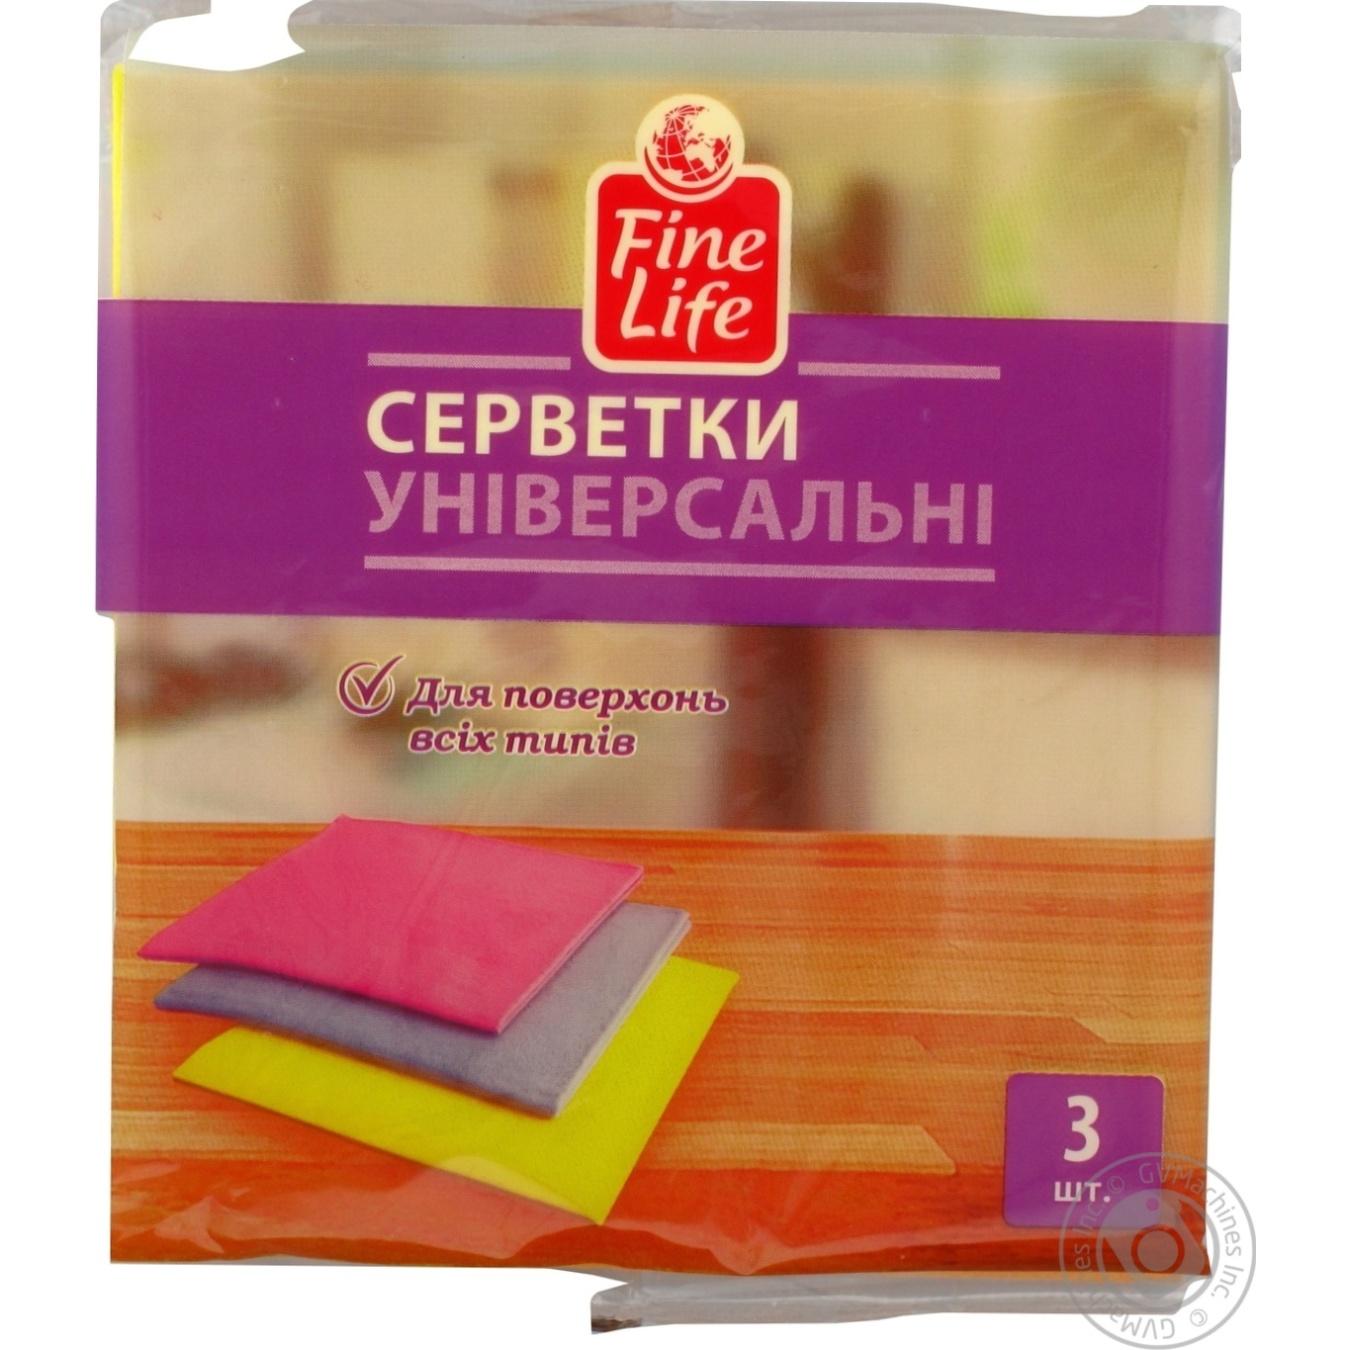 Салфетки FineLife универсальные 3шт